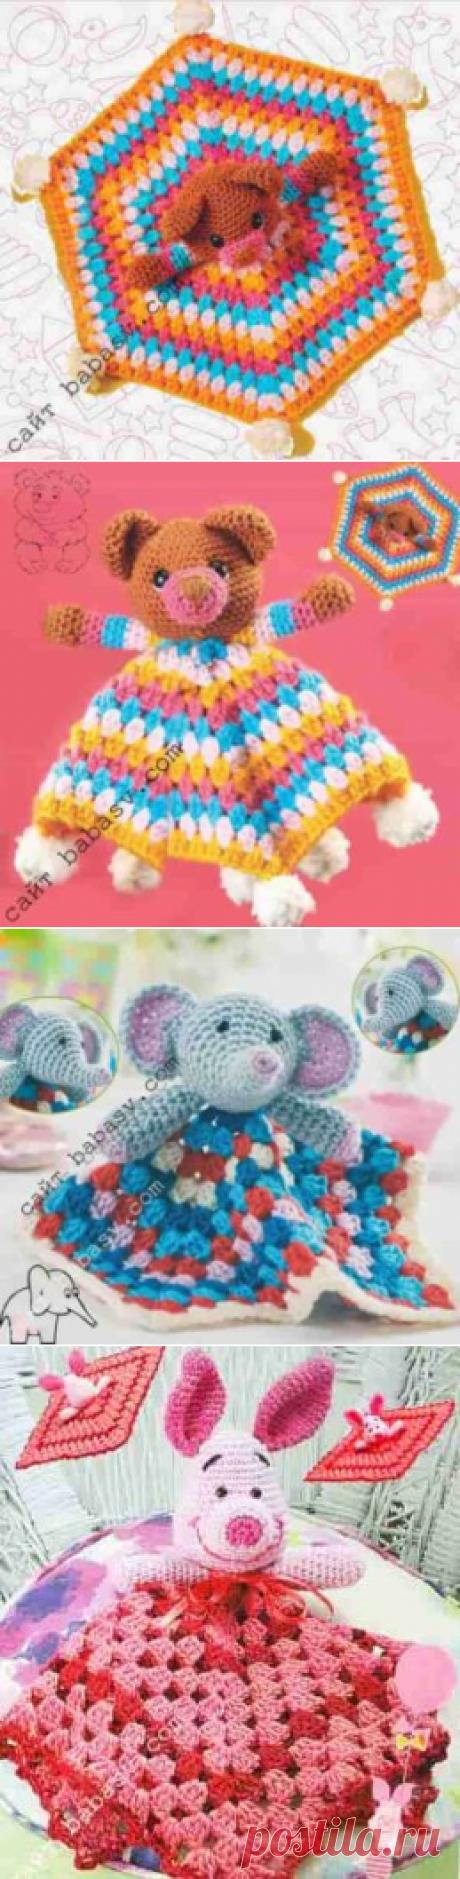 Комфортная игрушка, 3 сплюшки: мишка, слон, поросенок Сундучок-хомячок